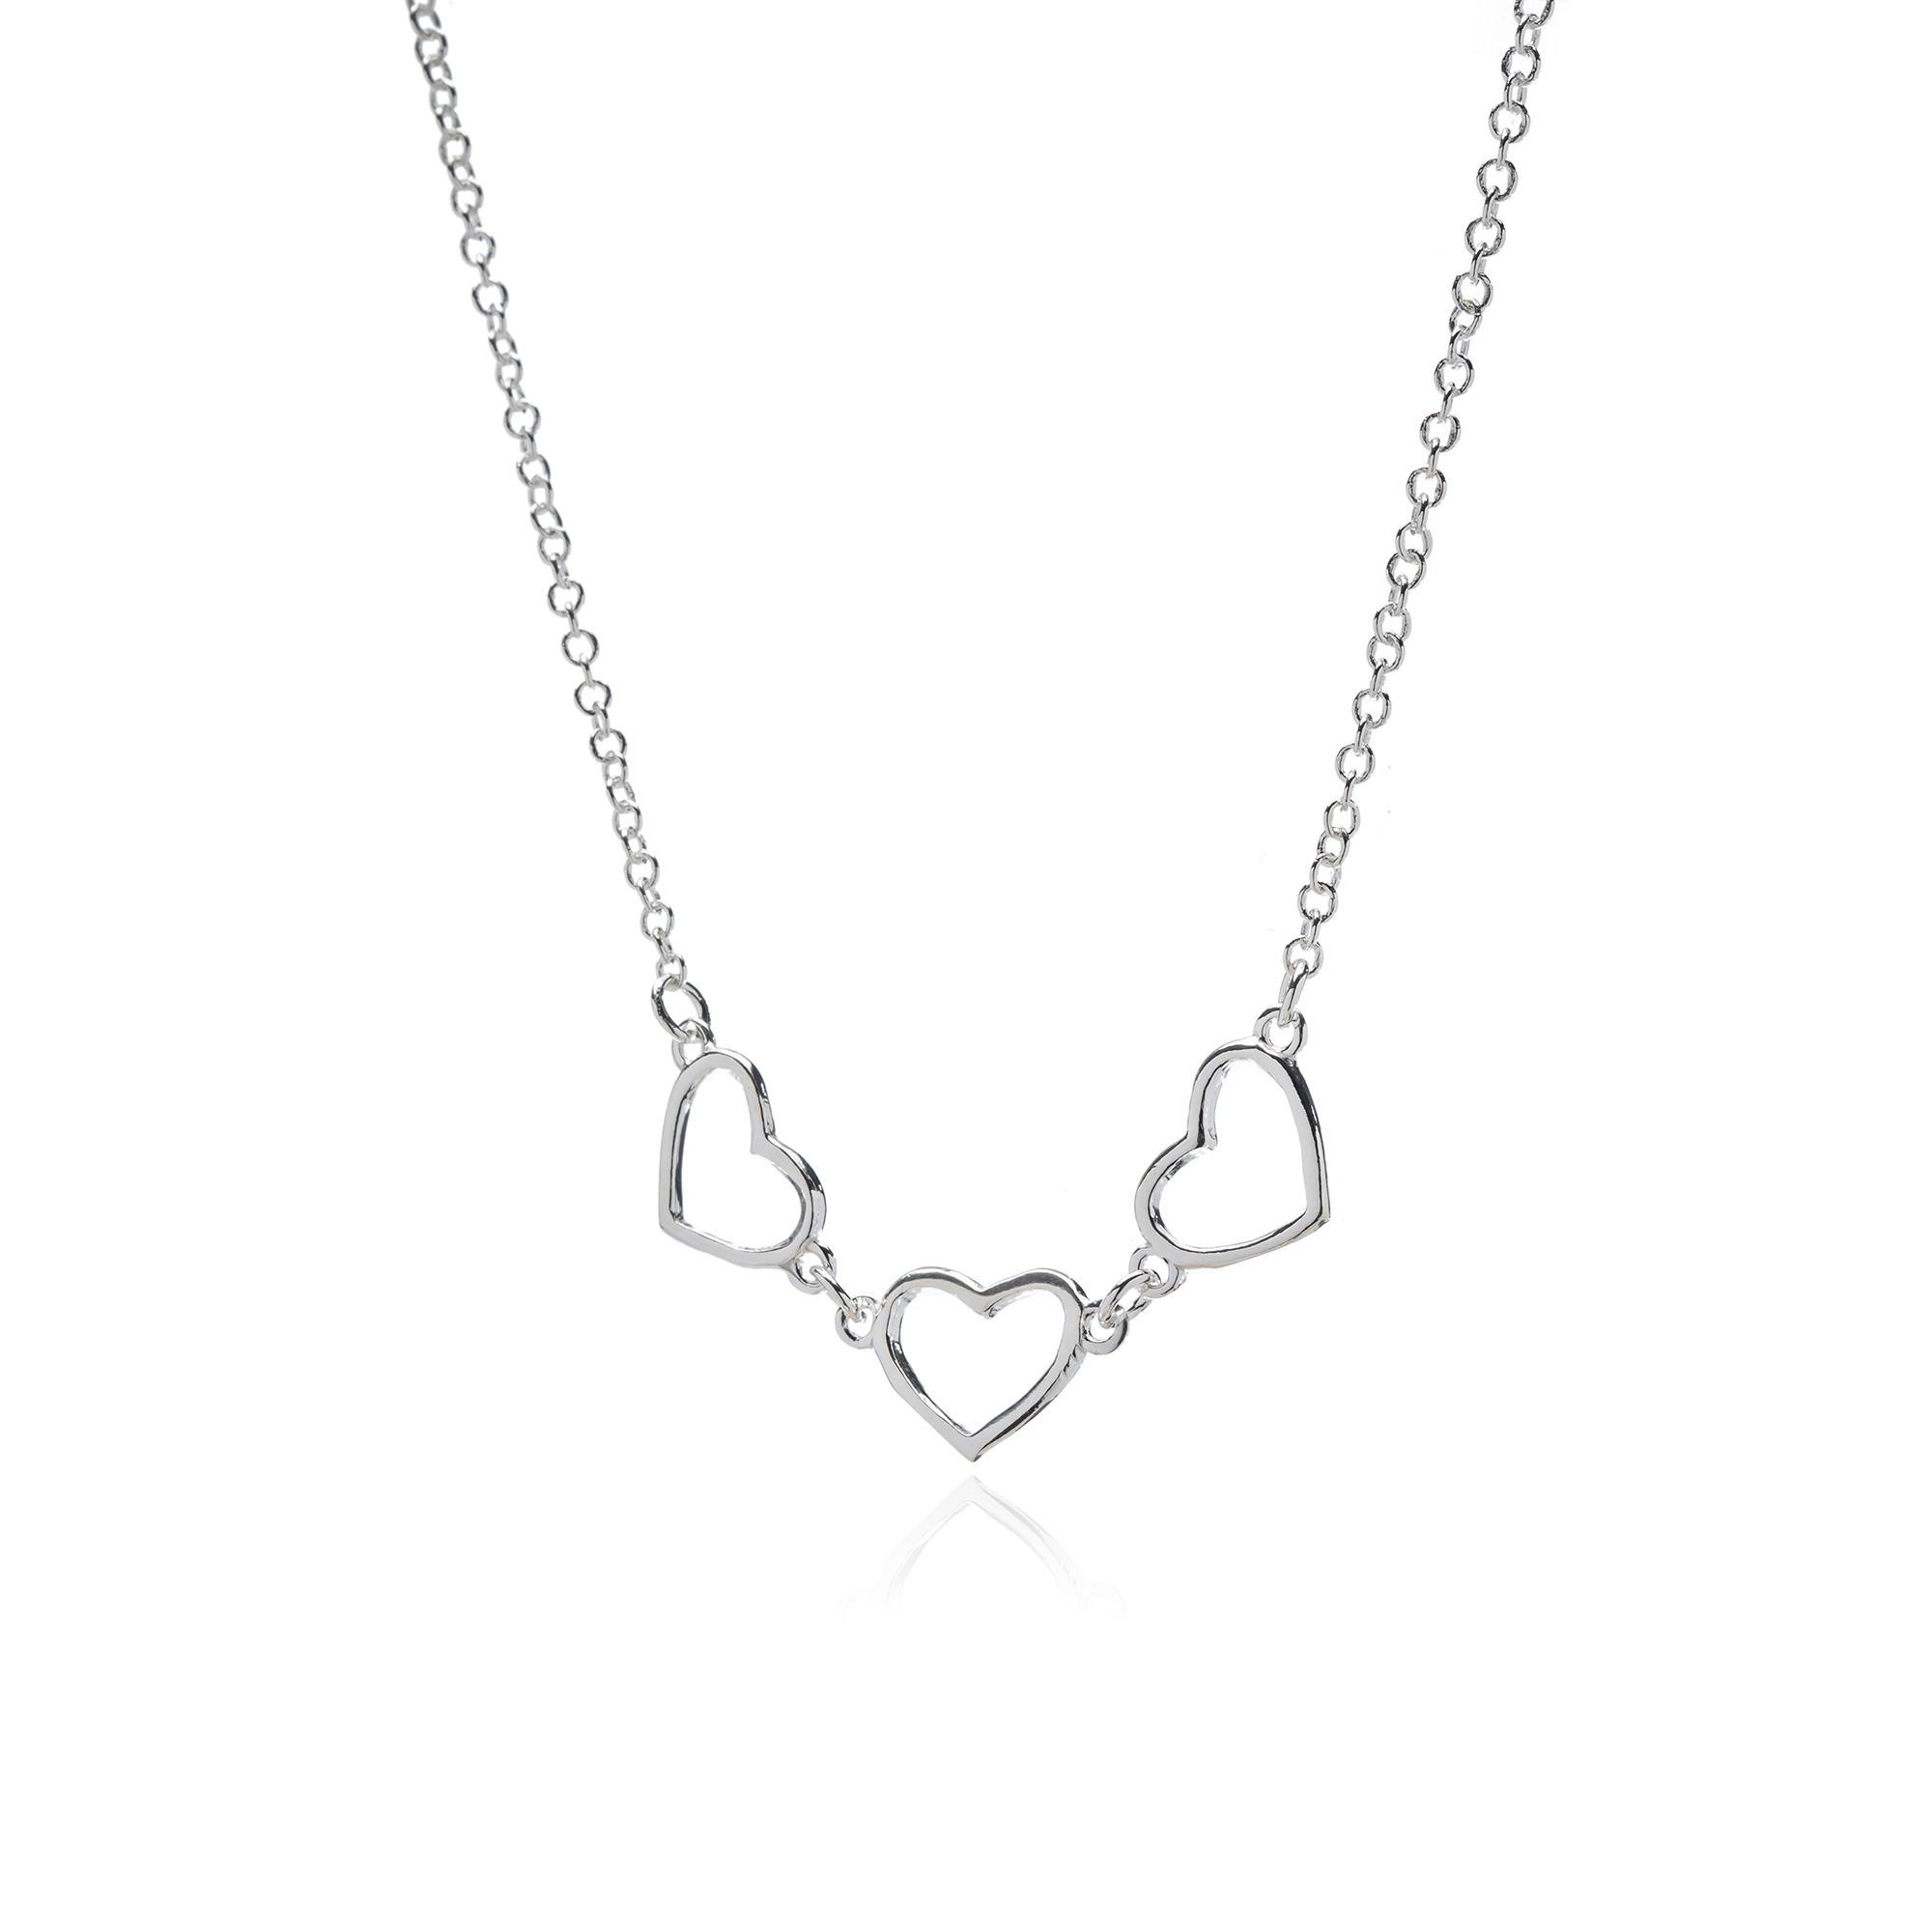 Colar Coração em Prata 925 40 cm + Extensor